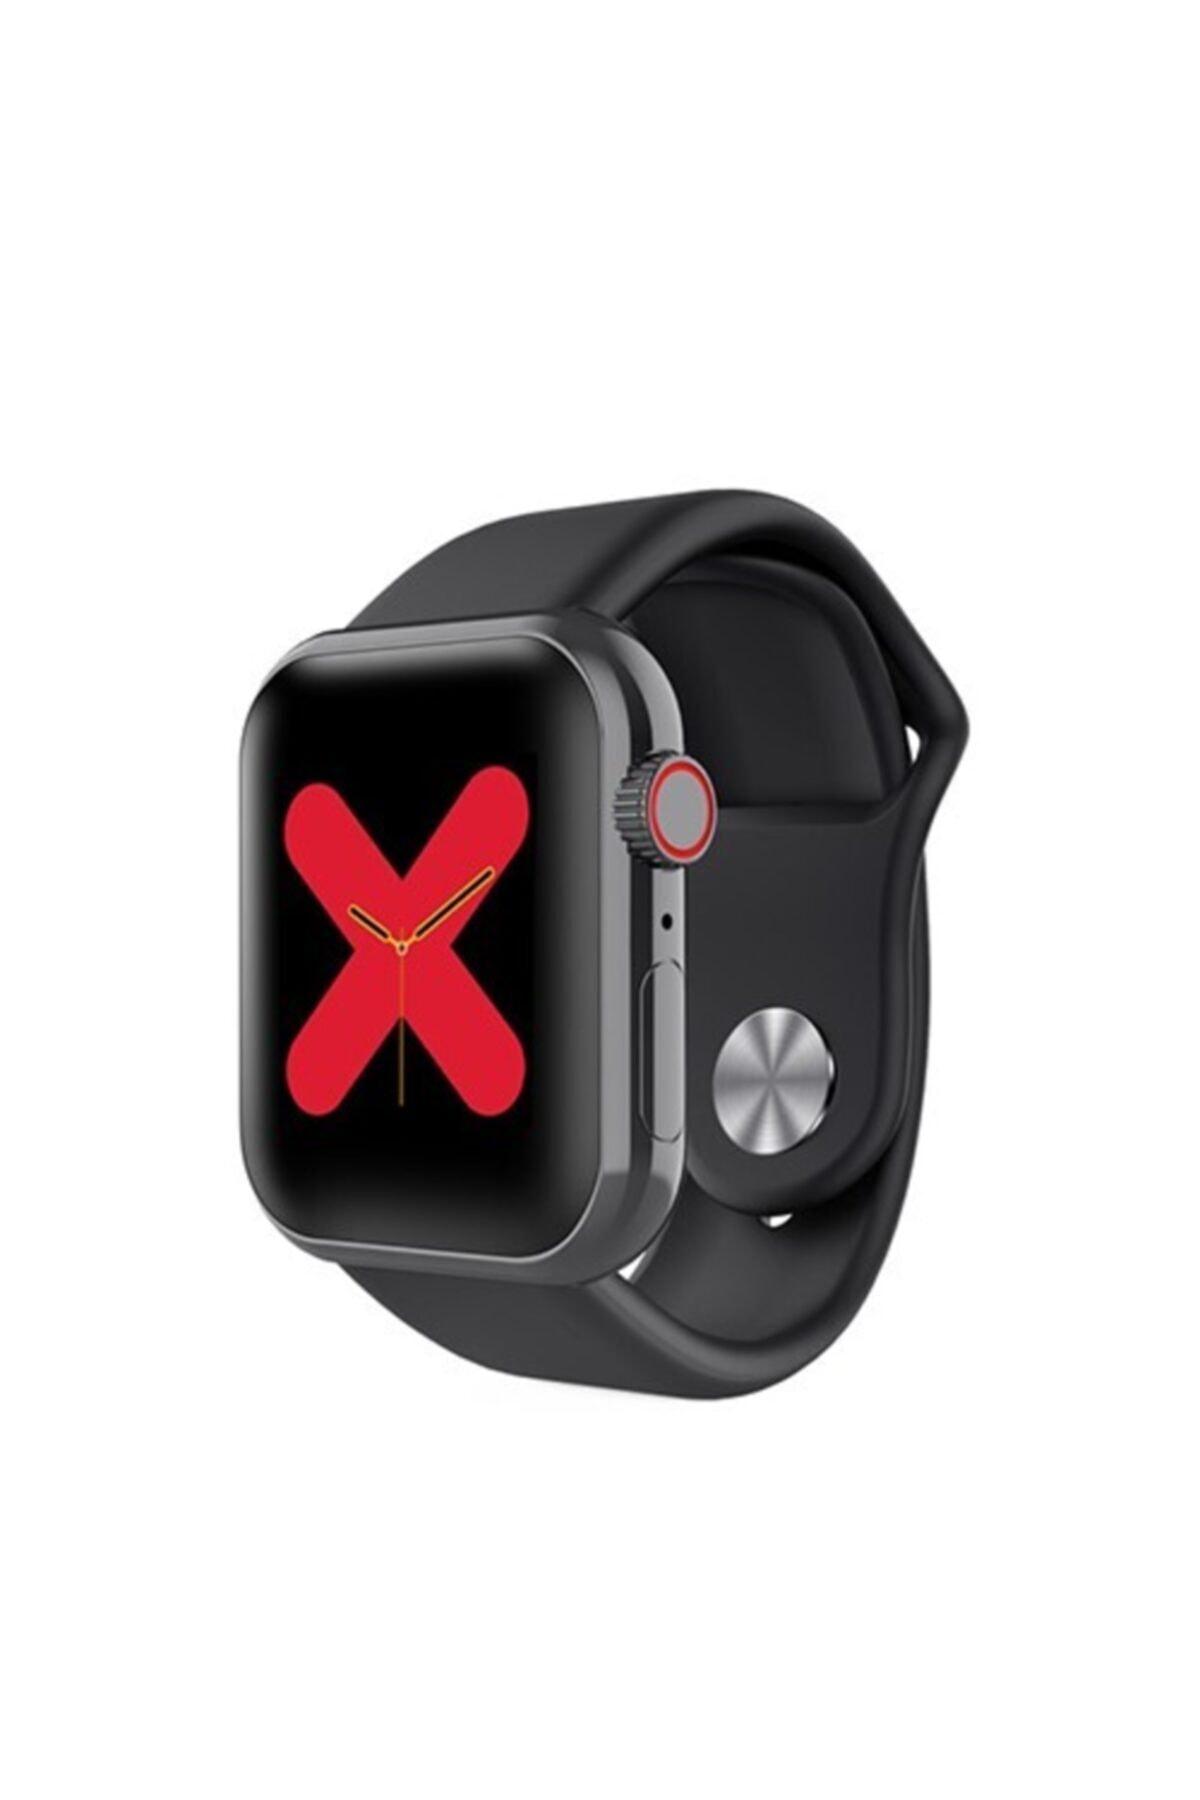 Akıllı Saat Nabız Ölçer Bluetooth Bileklik Spor Adımsayar X7 Siyah